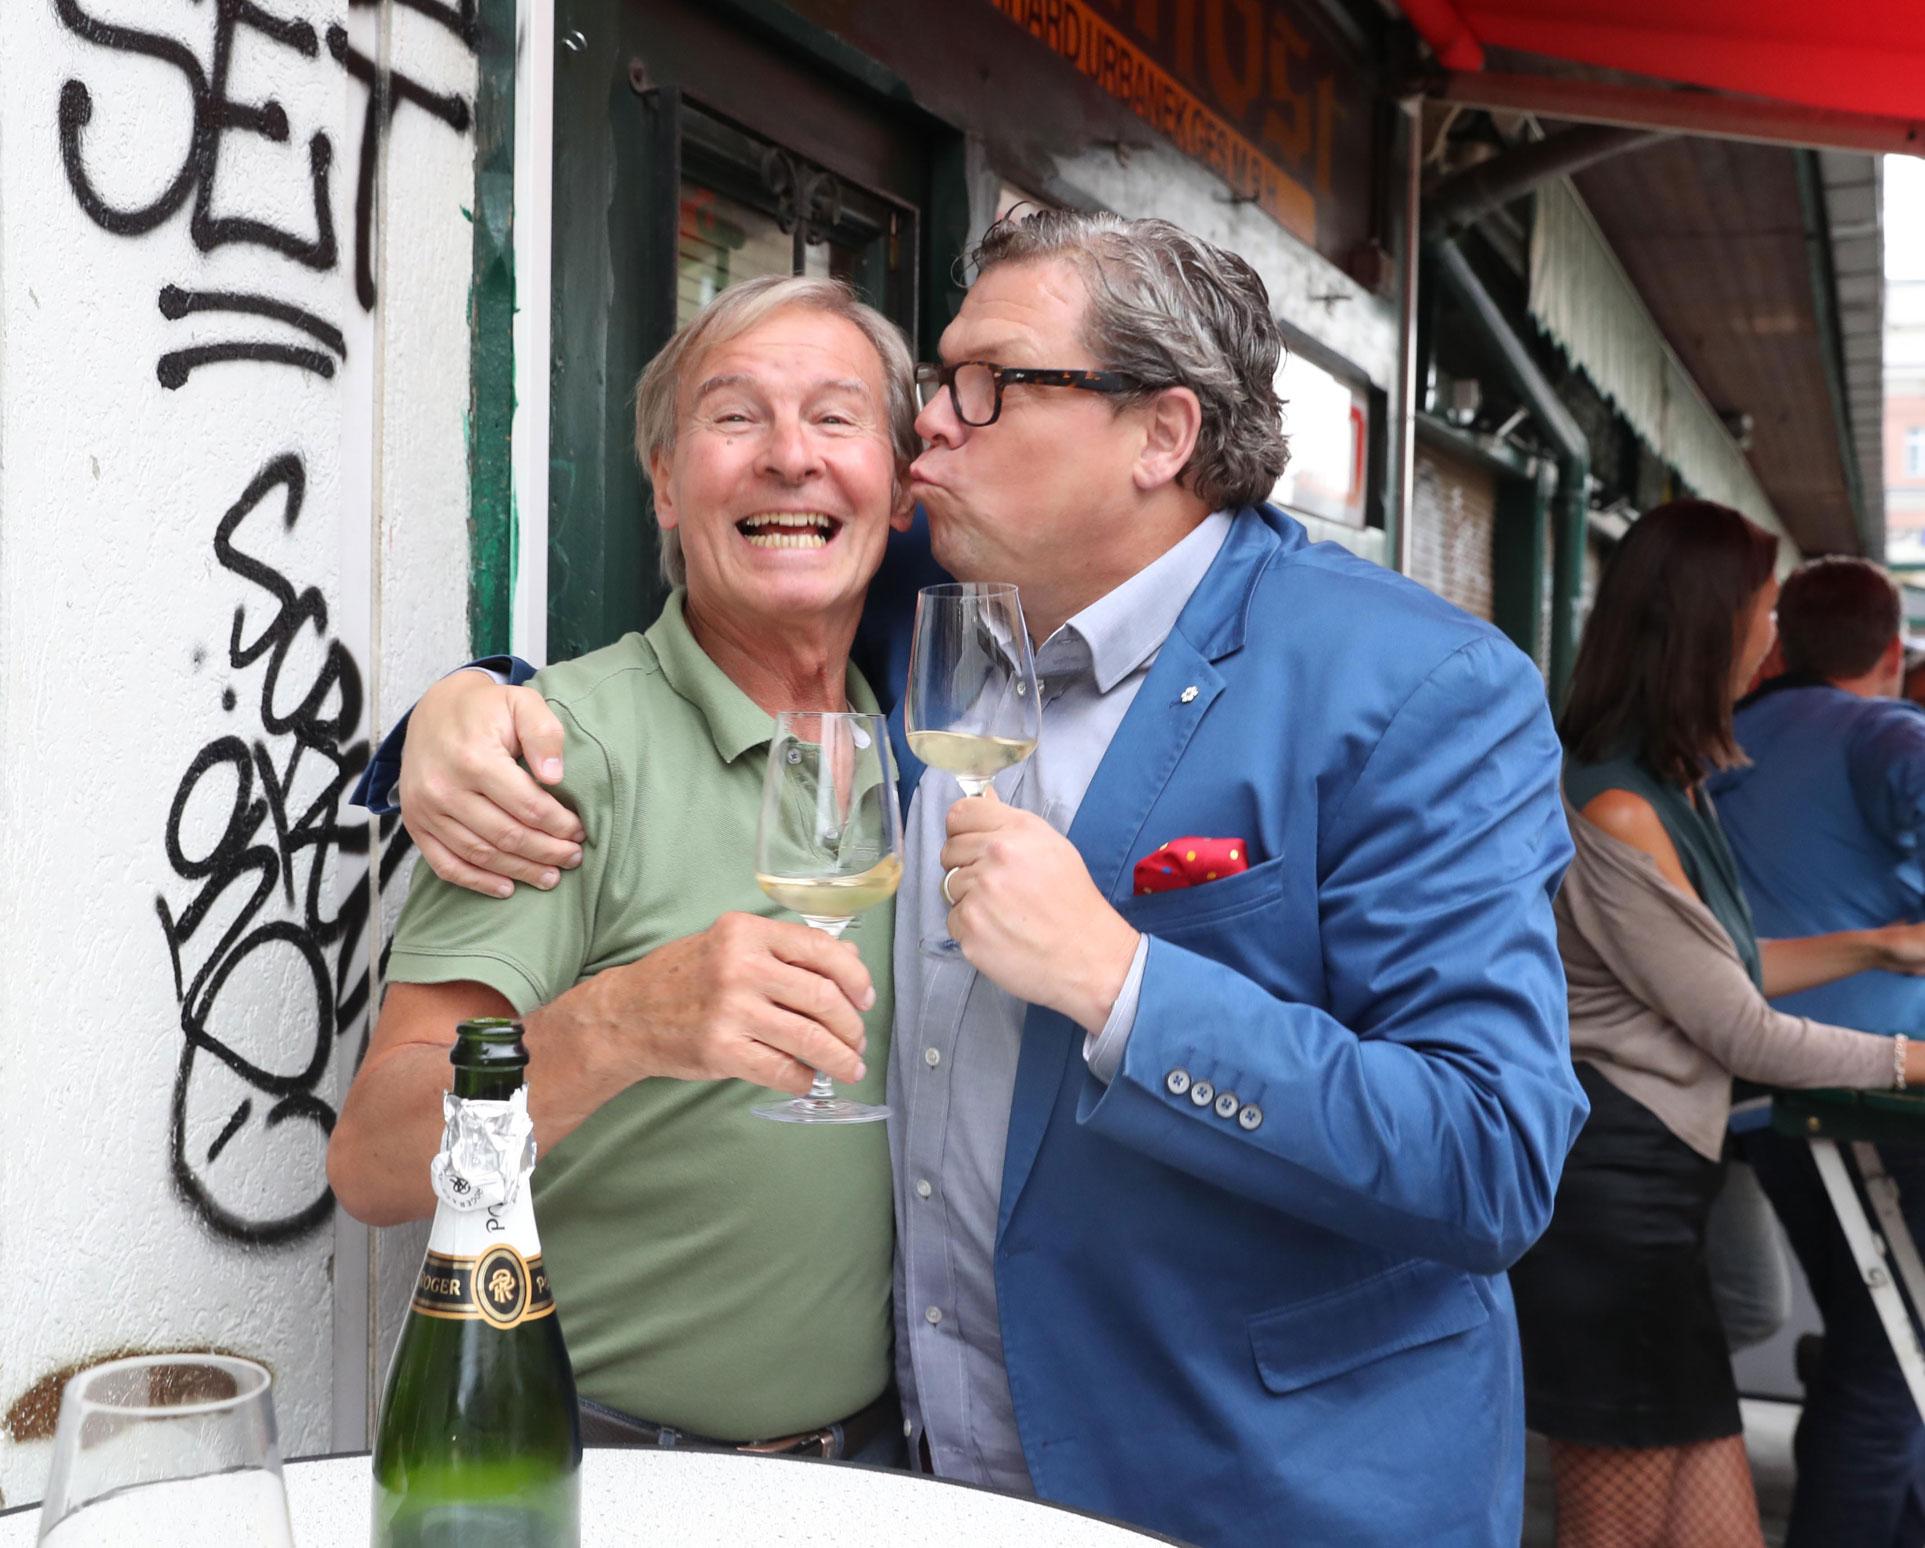 Für diesen köstlichen Champagne Pol Roger